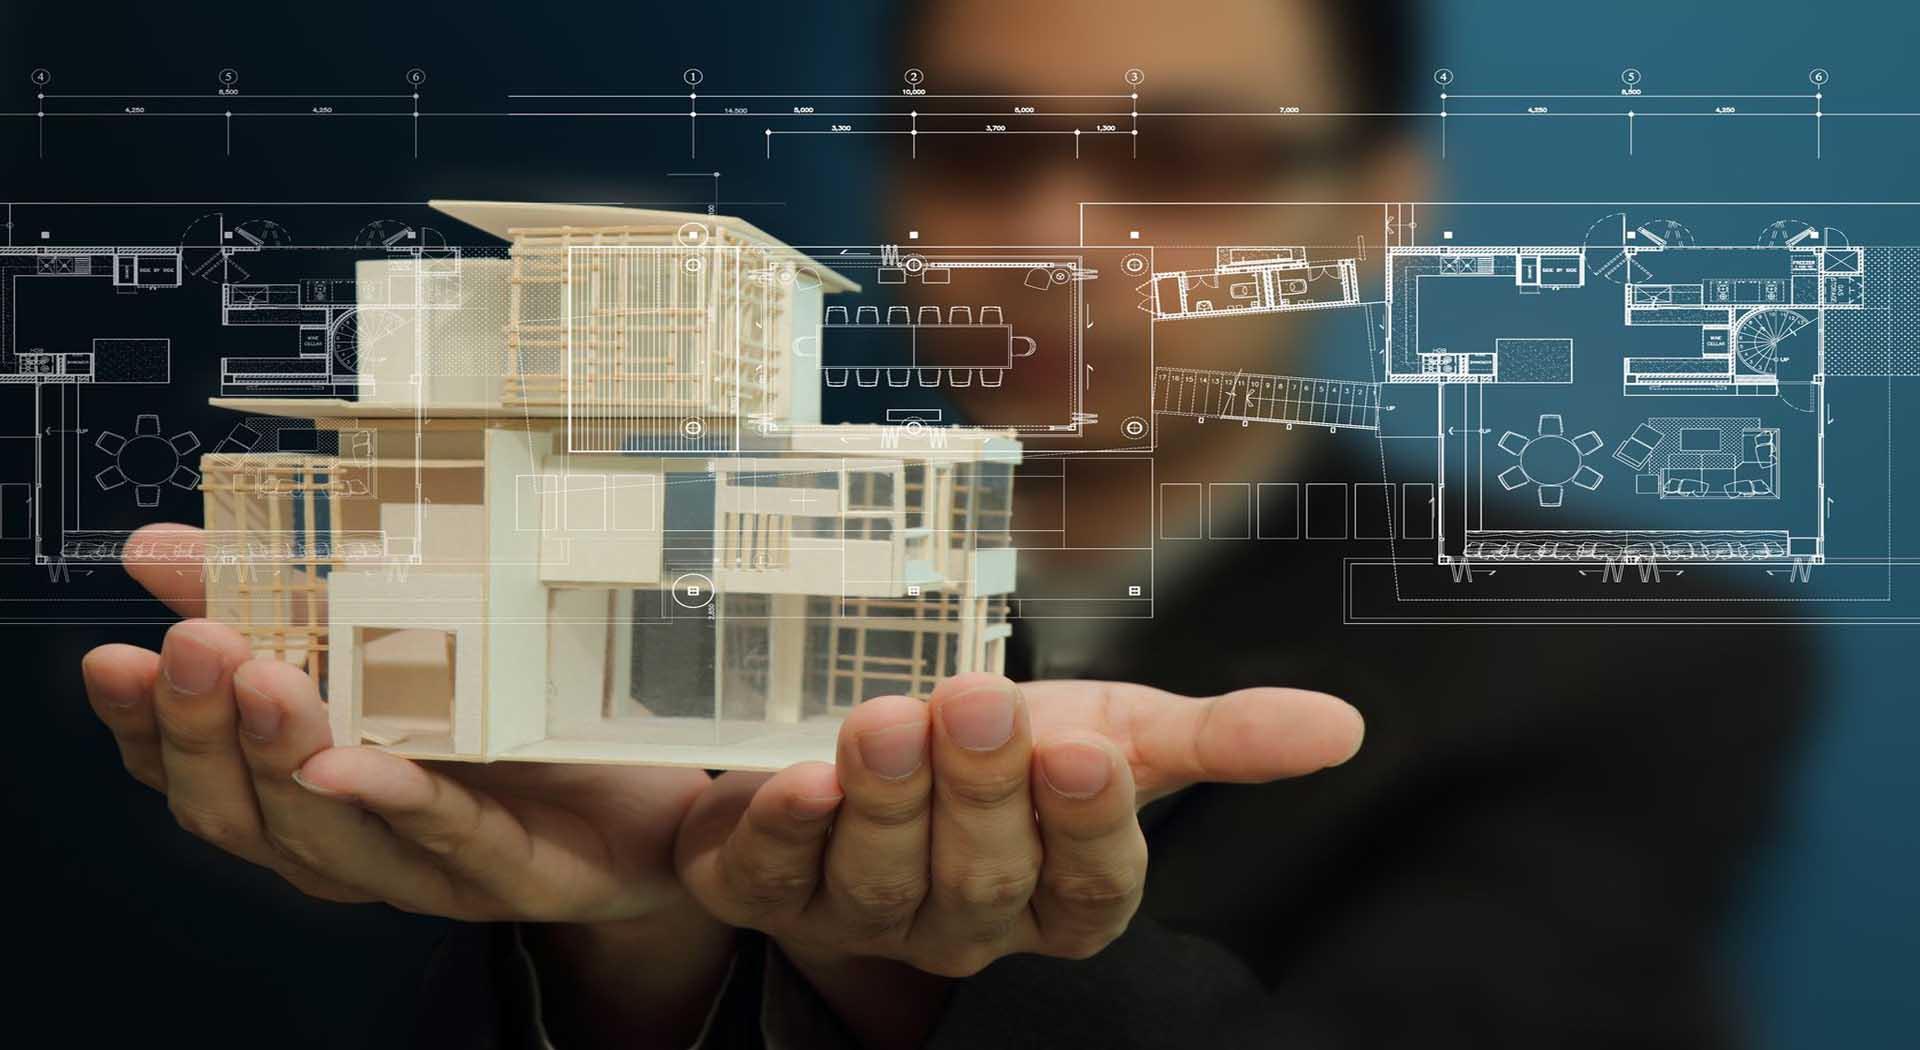 Inversiones inmobiliarias c lculo de hipoteca - Inversiones inmobiliarias ...